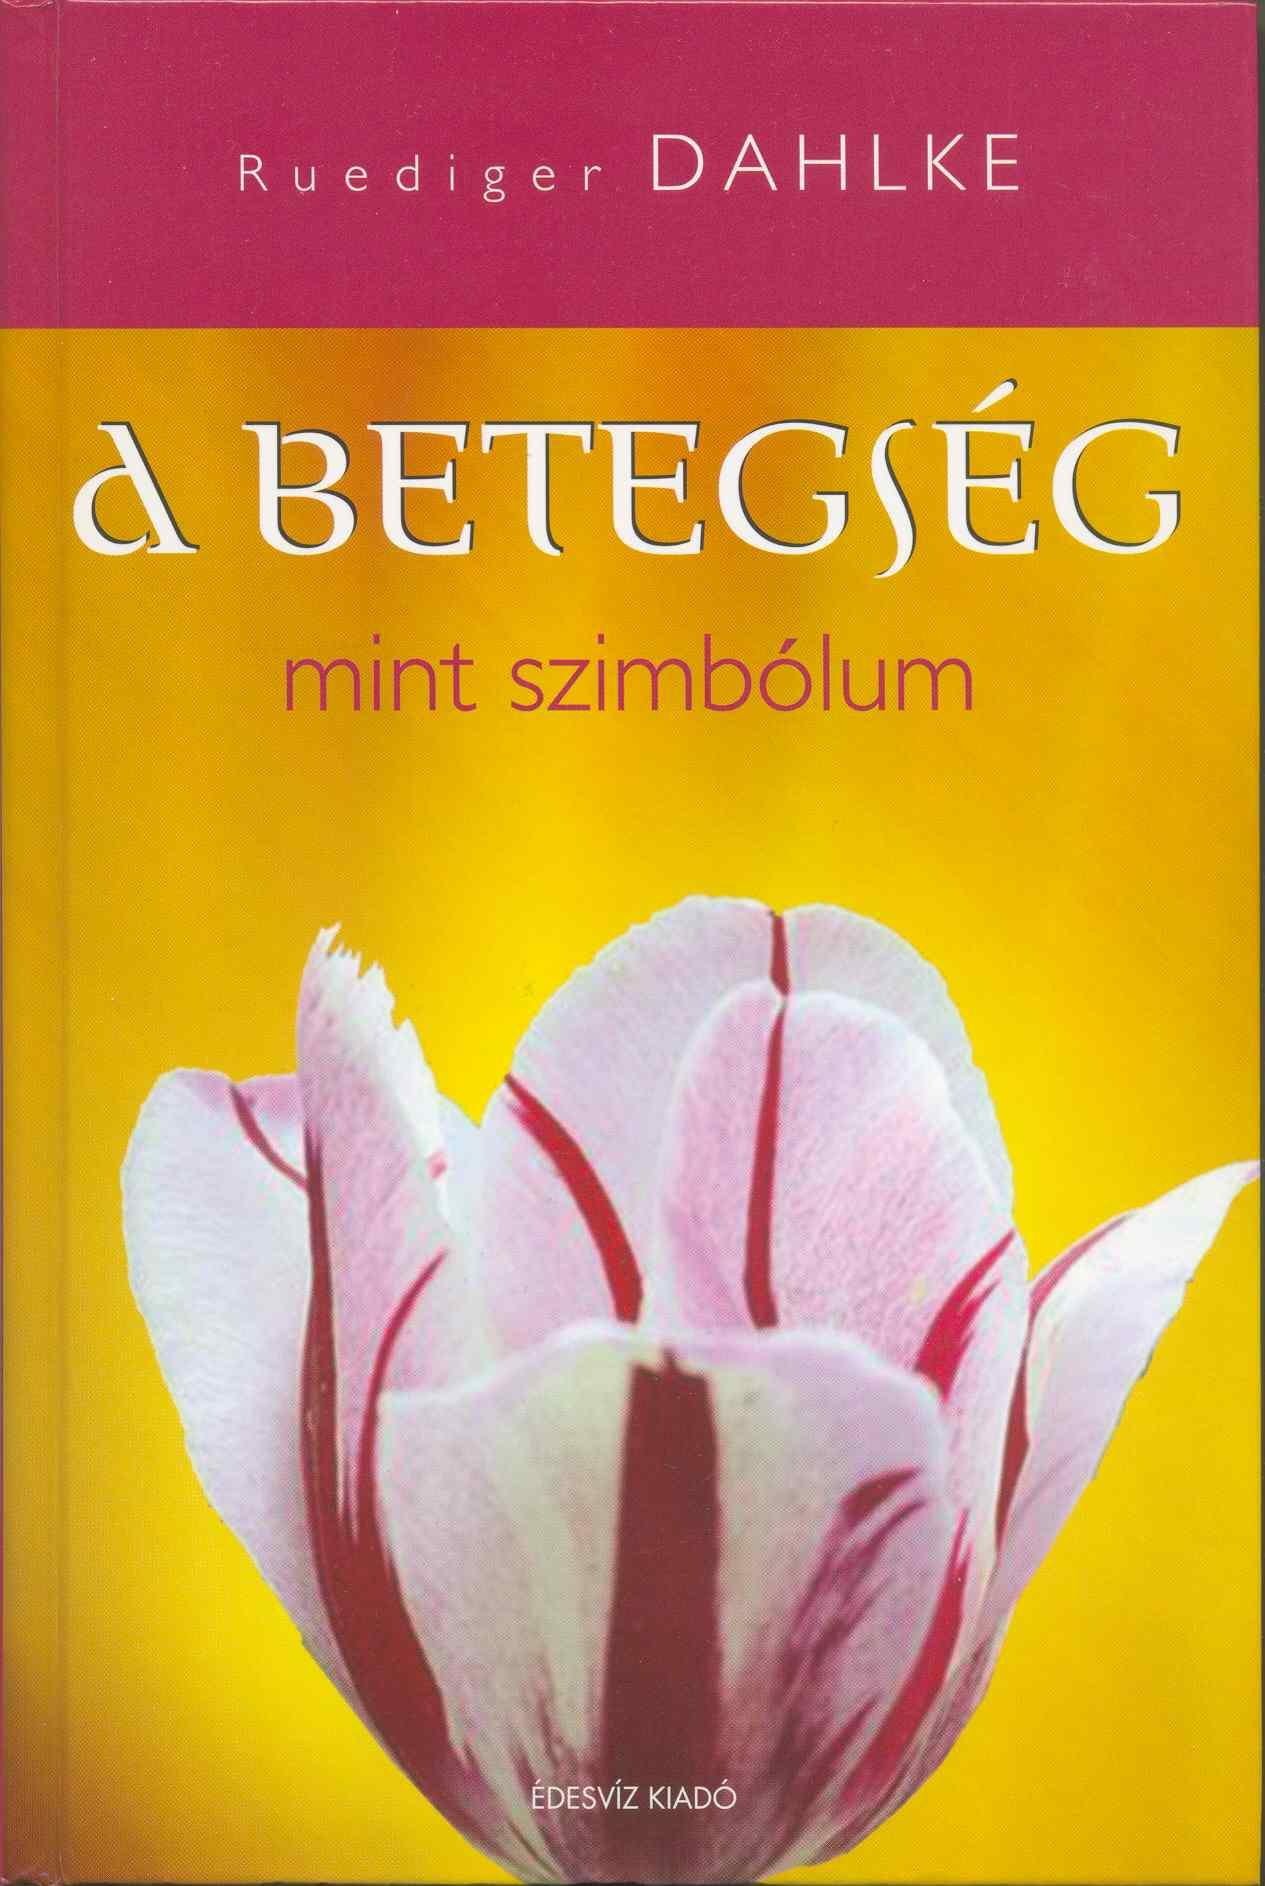 a_betegseg_mint_szimbolum kép